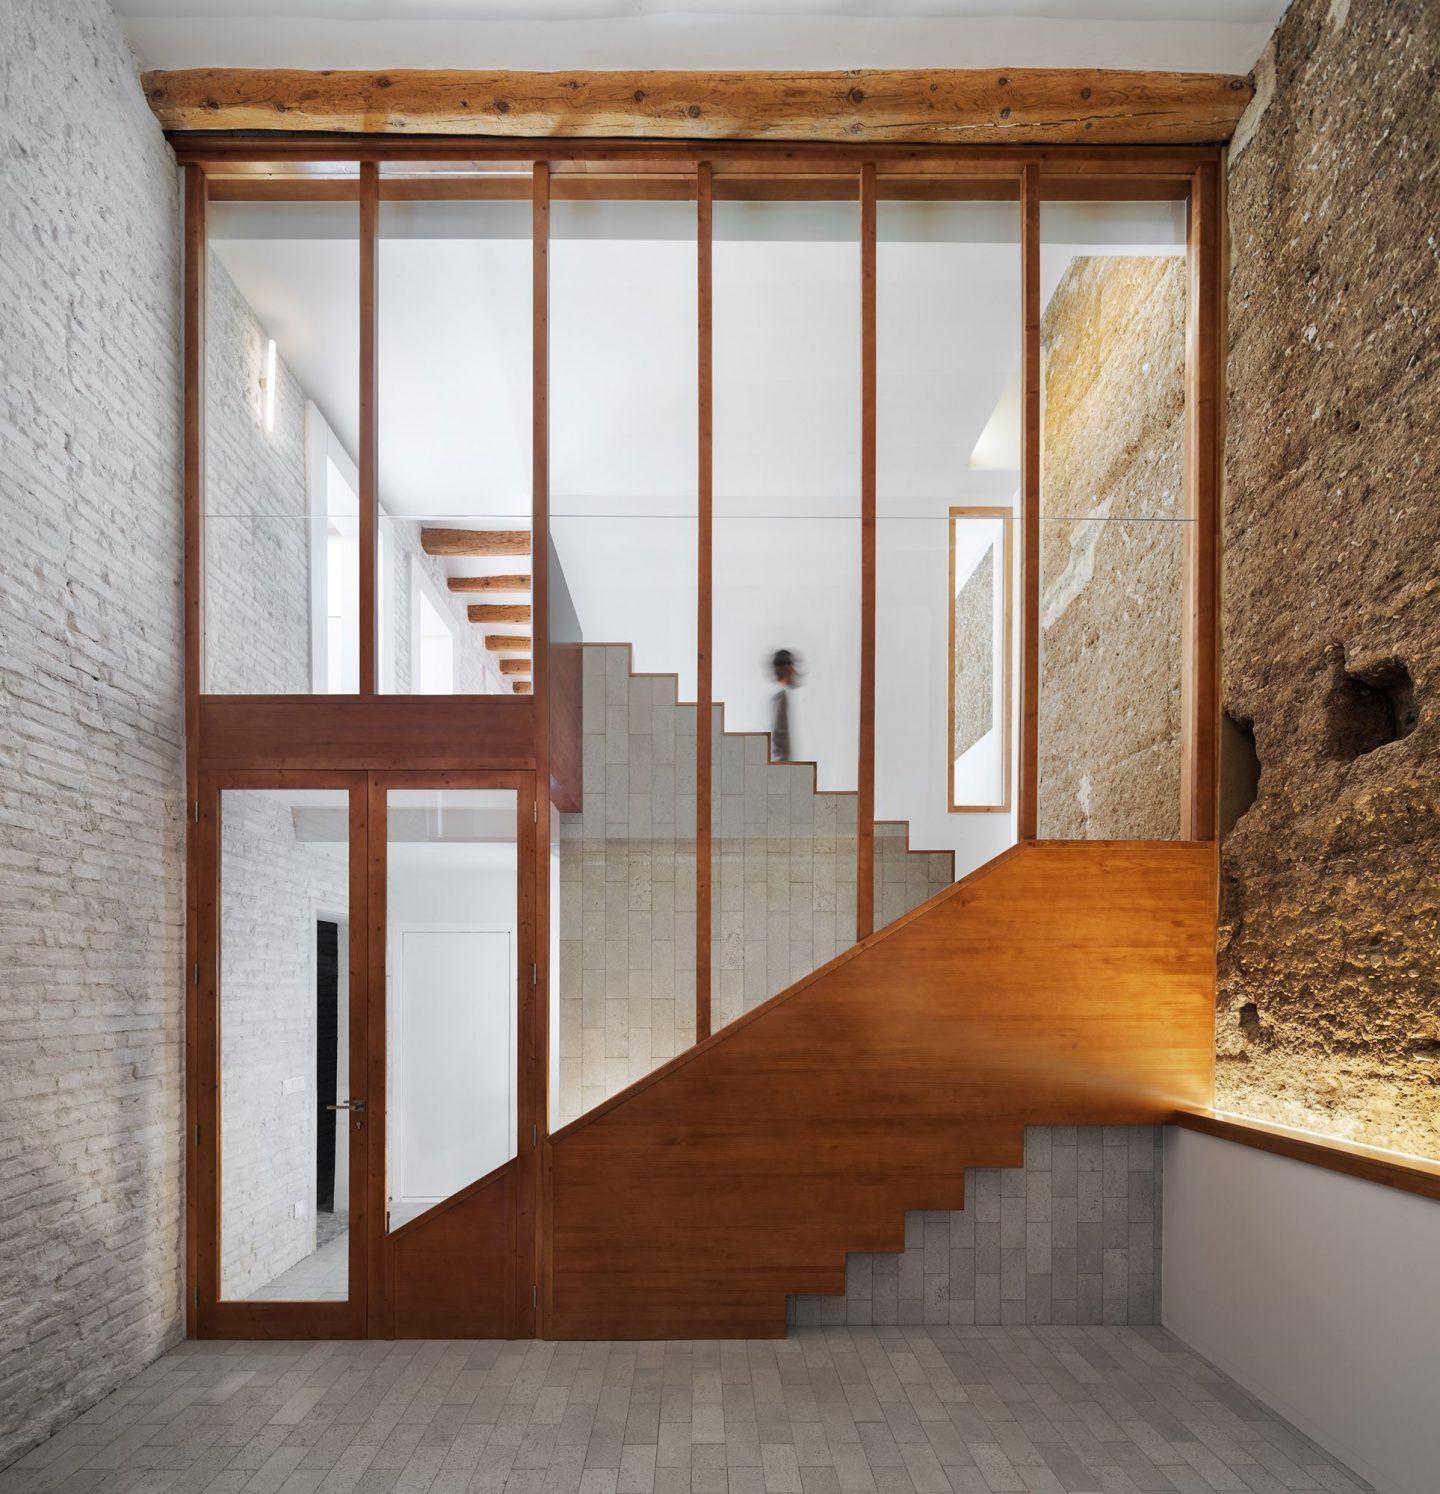 IGNANT-Architecture-Hiha-Studio-Cal-Jordianna-1